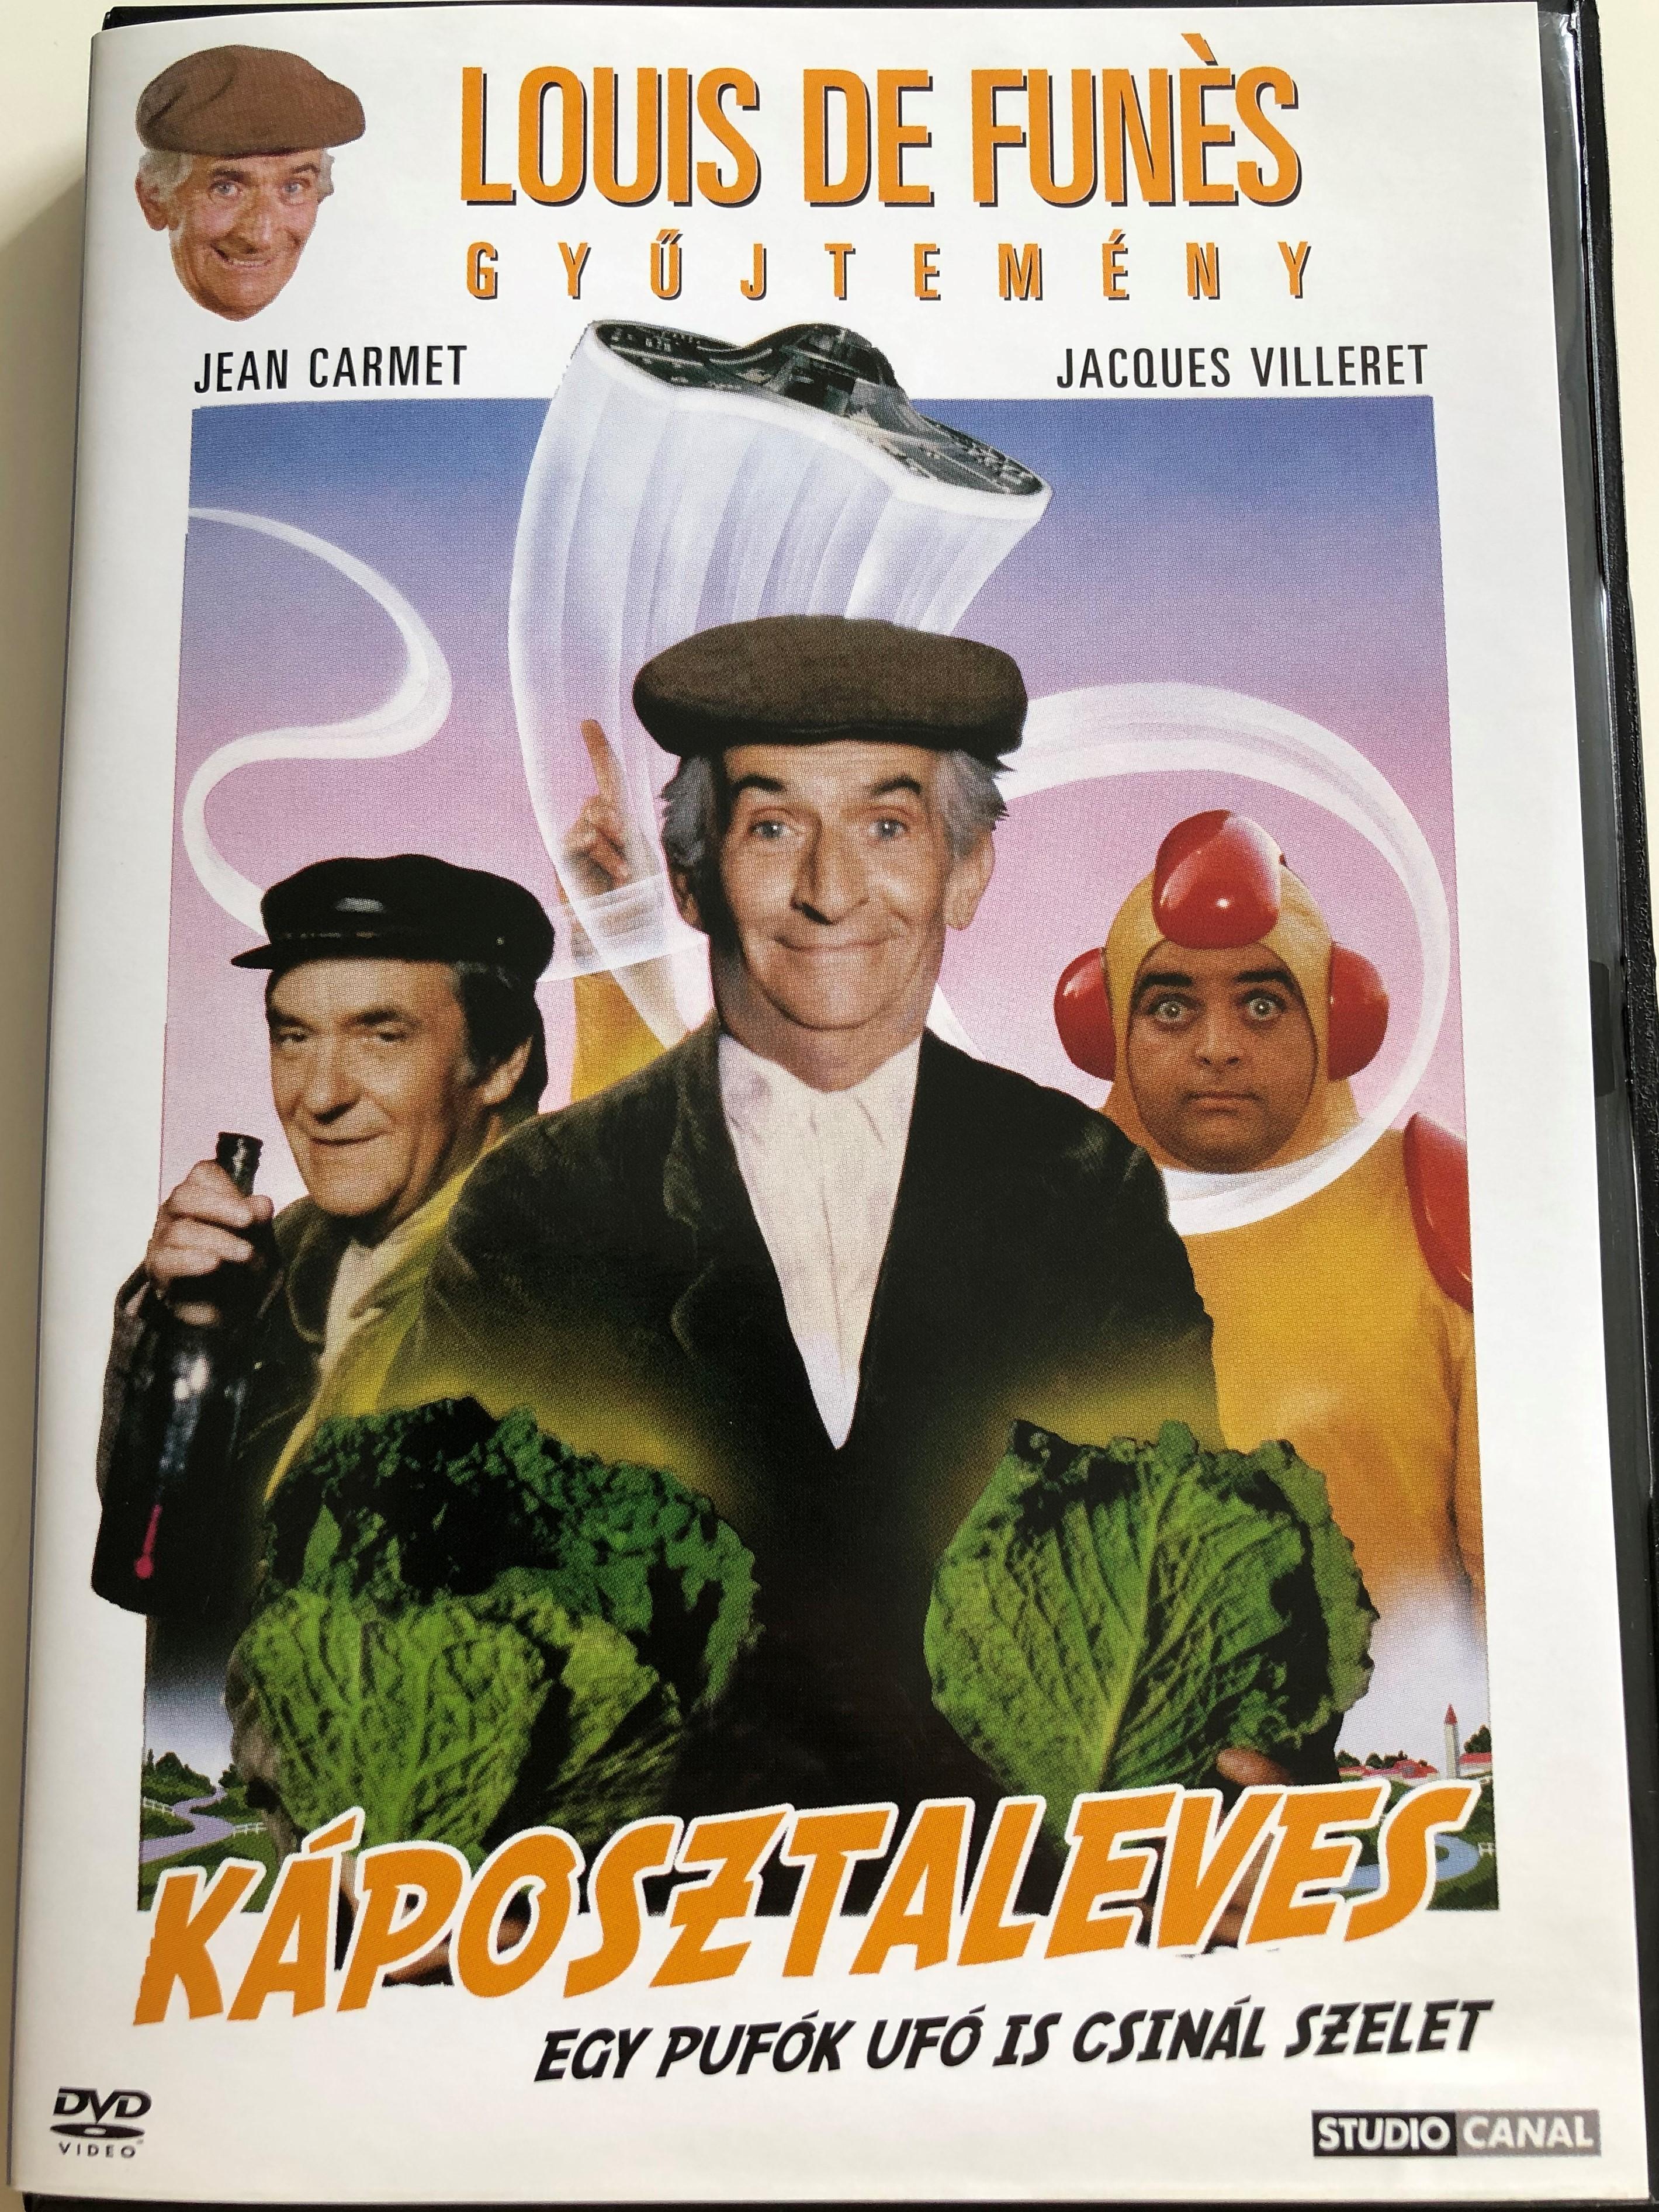 le-soupe-aux-choux-dvd-1981-k-posztaleves-directed-by-jean-girault-starring-louis-de-fun-s-jean-carmet-jacques-villeret-claude-gensac-christine-dejoux-de-fun-s-gy-jtem-ny-1-.jpg